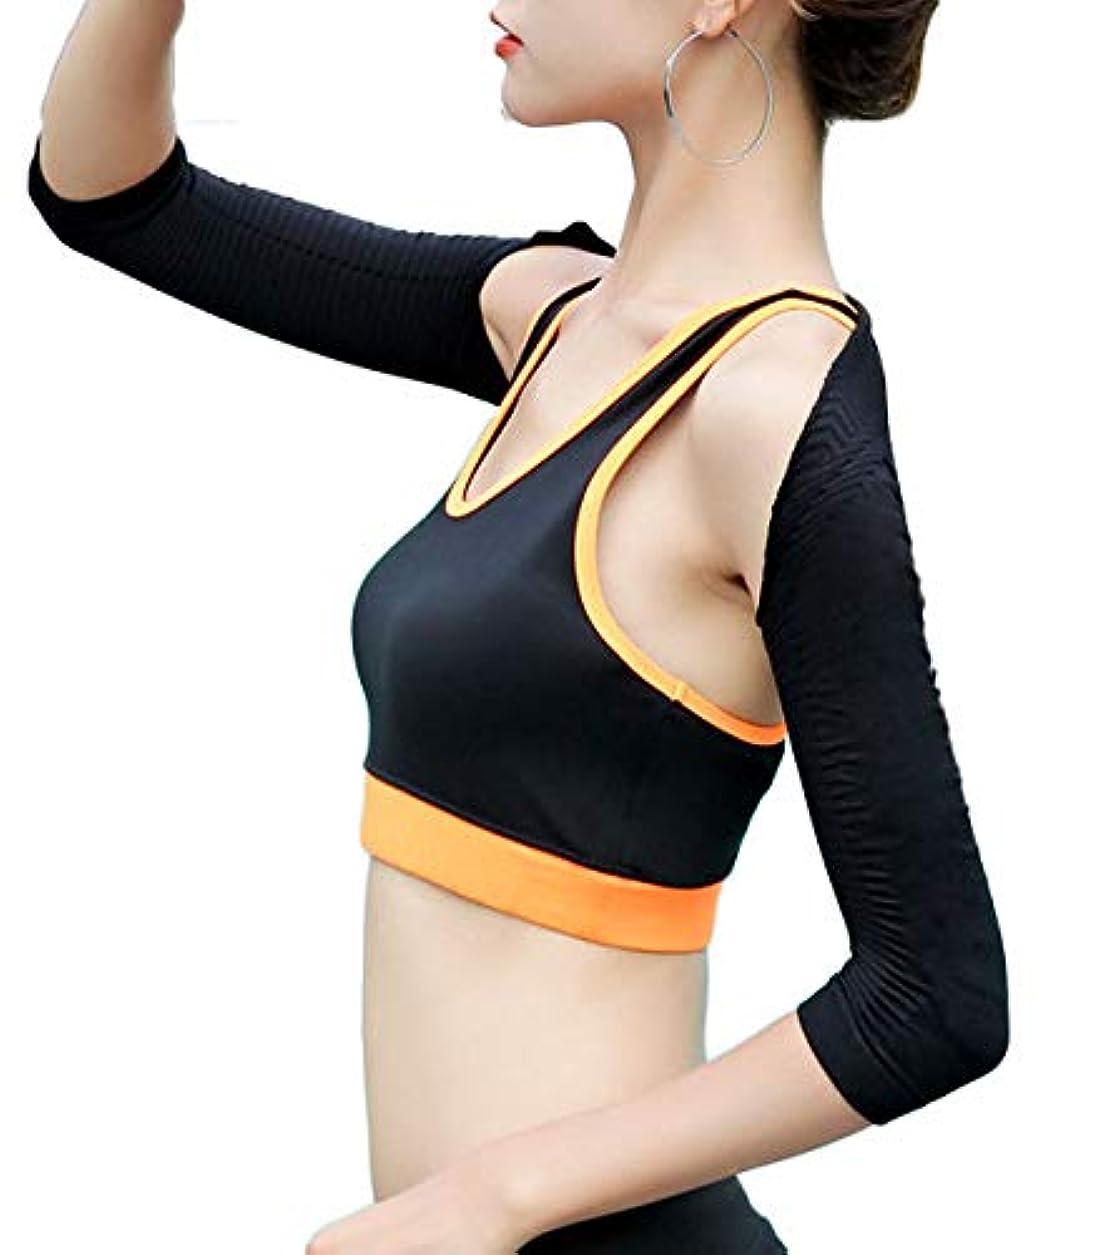 ポルティコ成熟柔和二の腕 シェイプ 引き締め 加圧 着圧 着瘦せ 姿勢 矯正 補正 インナー 二の腕カバー トレーニング 通勤 ブラック-XL